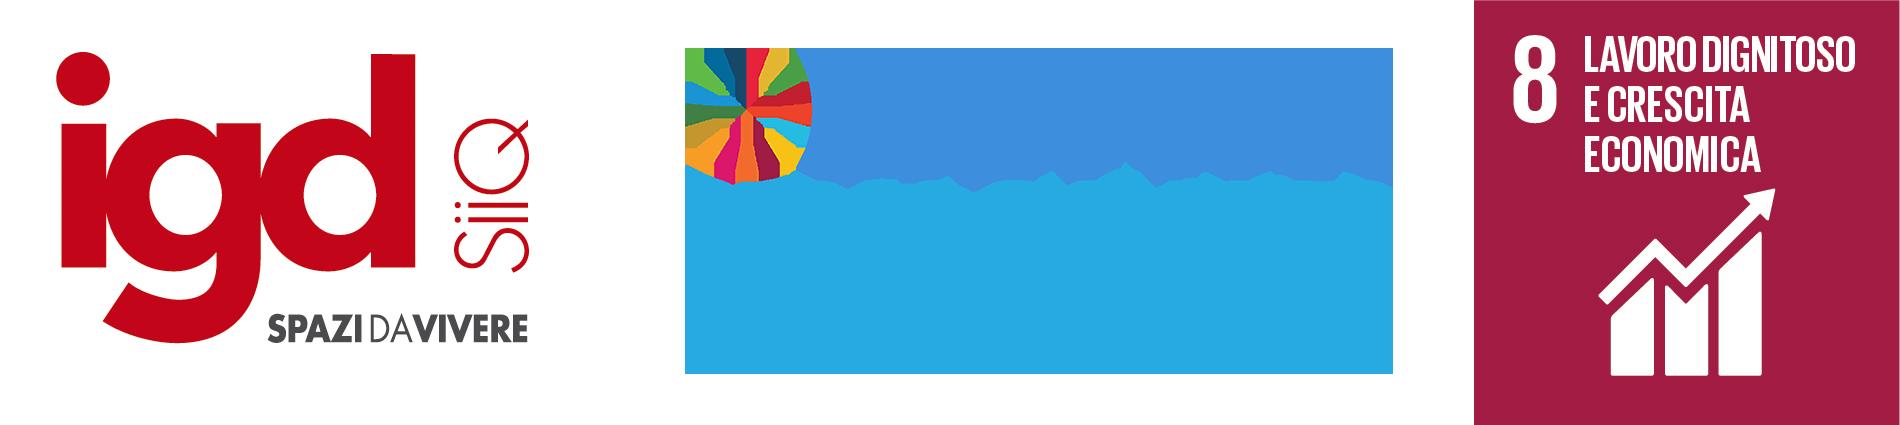 SDG_LOGO_it_8